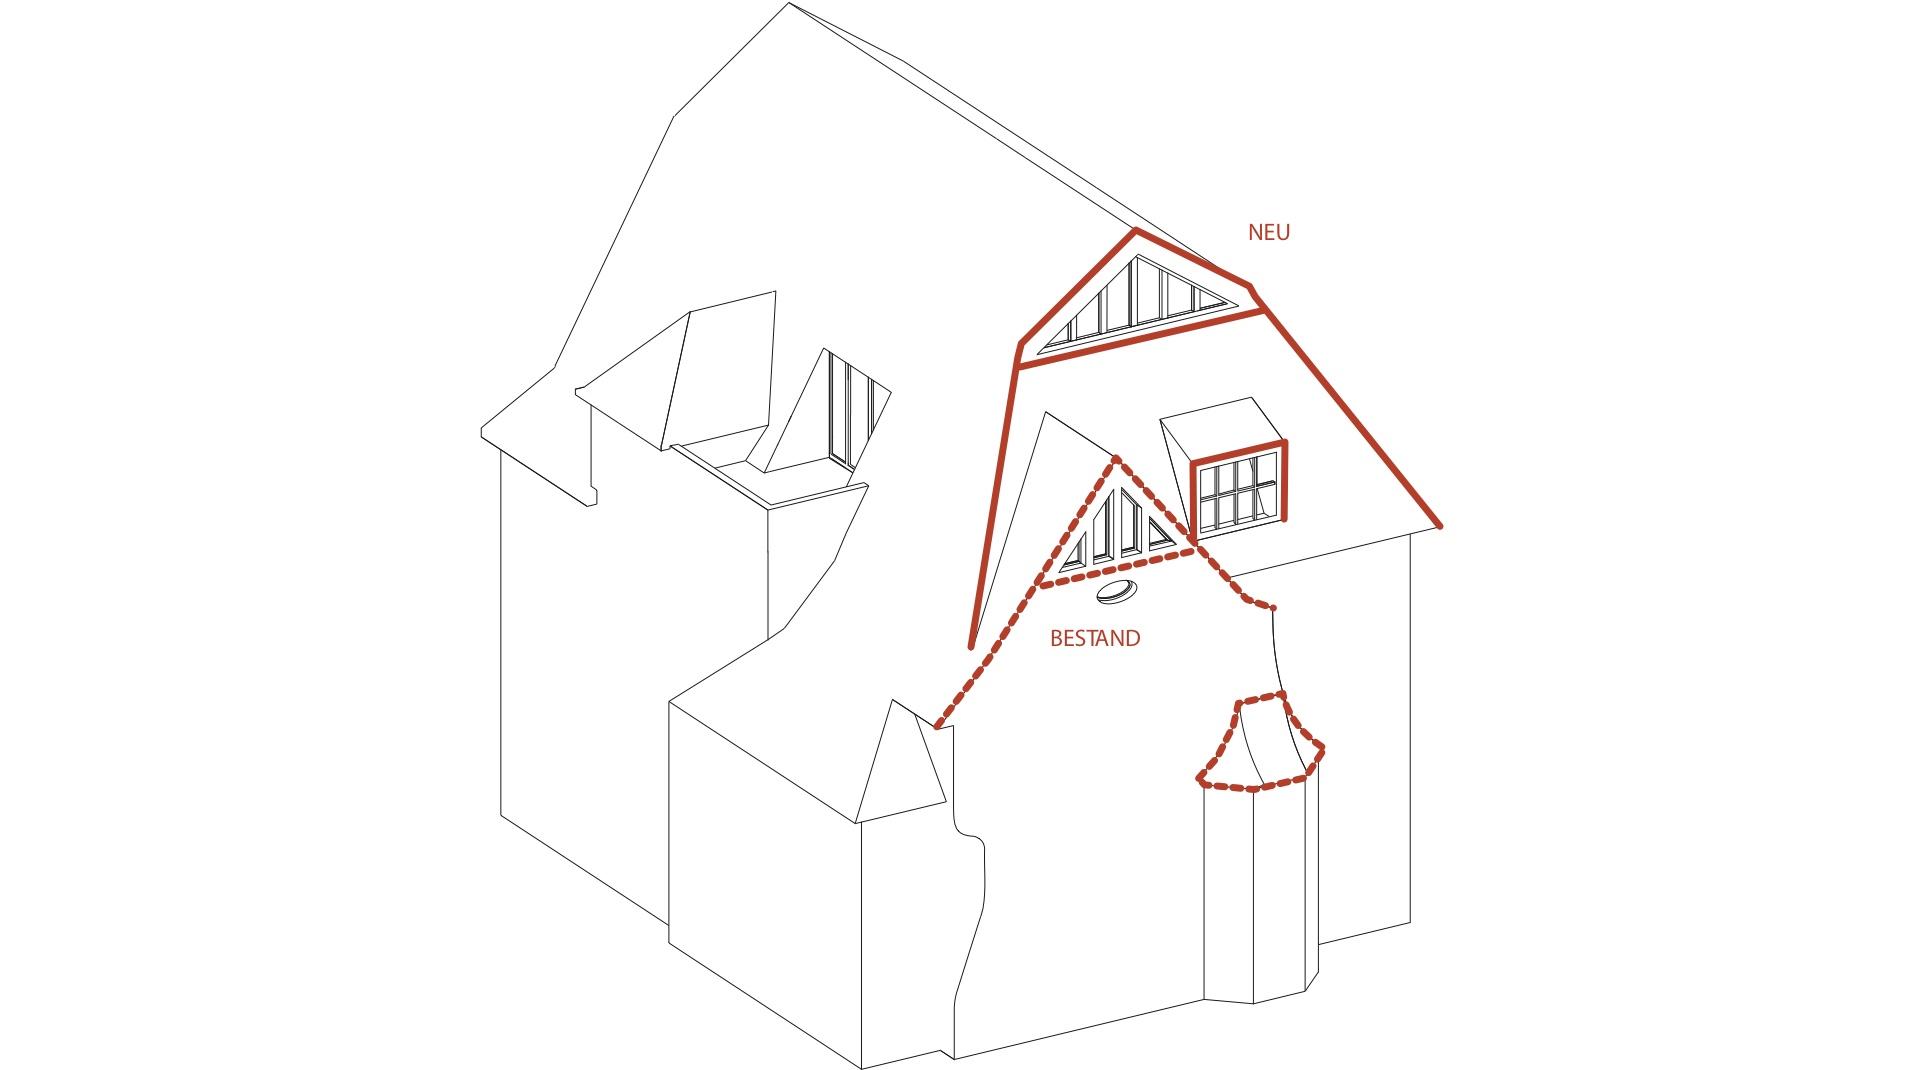 Gründerzeitvilla mit Dacherweiterung: schematische Darstellung der Dacherweiterung